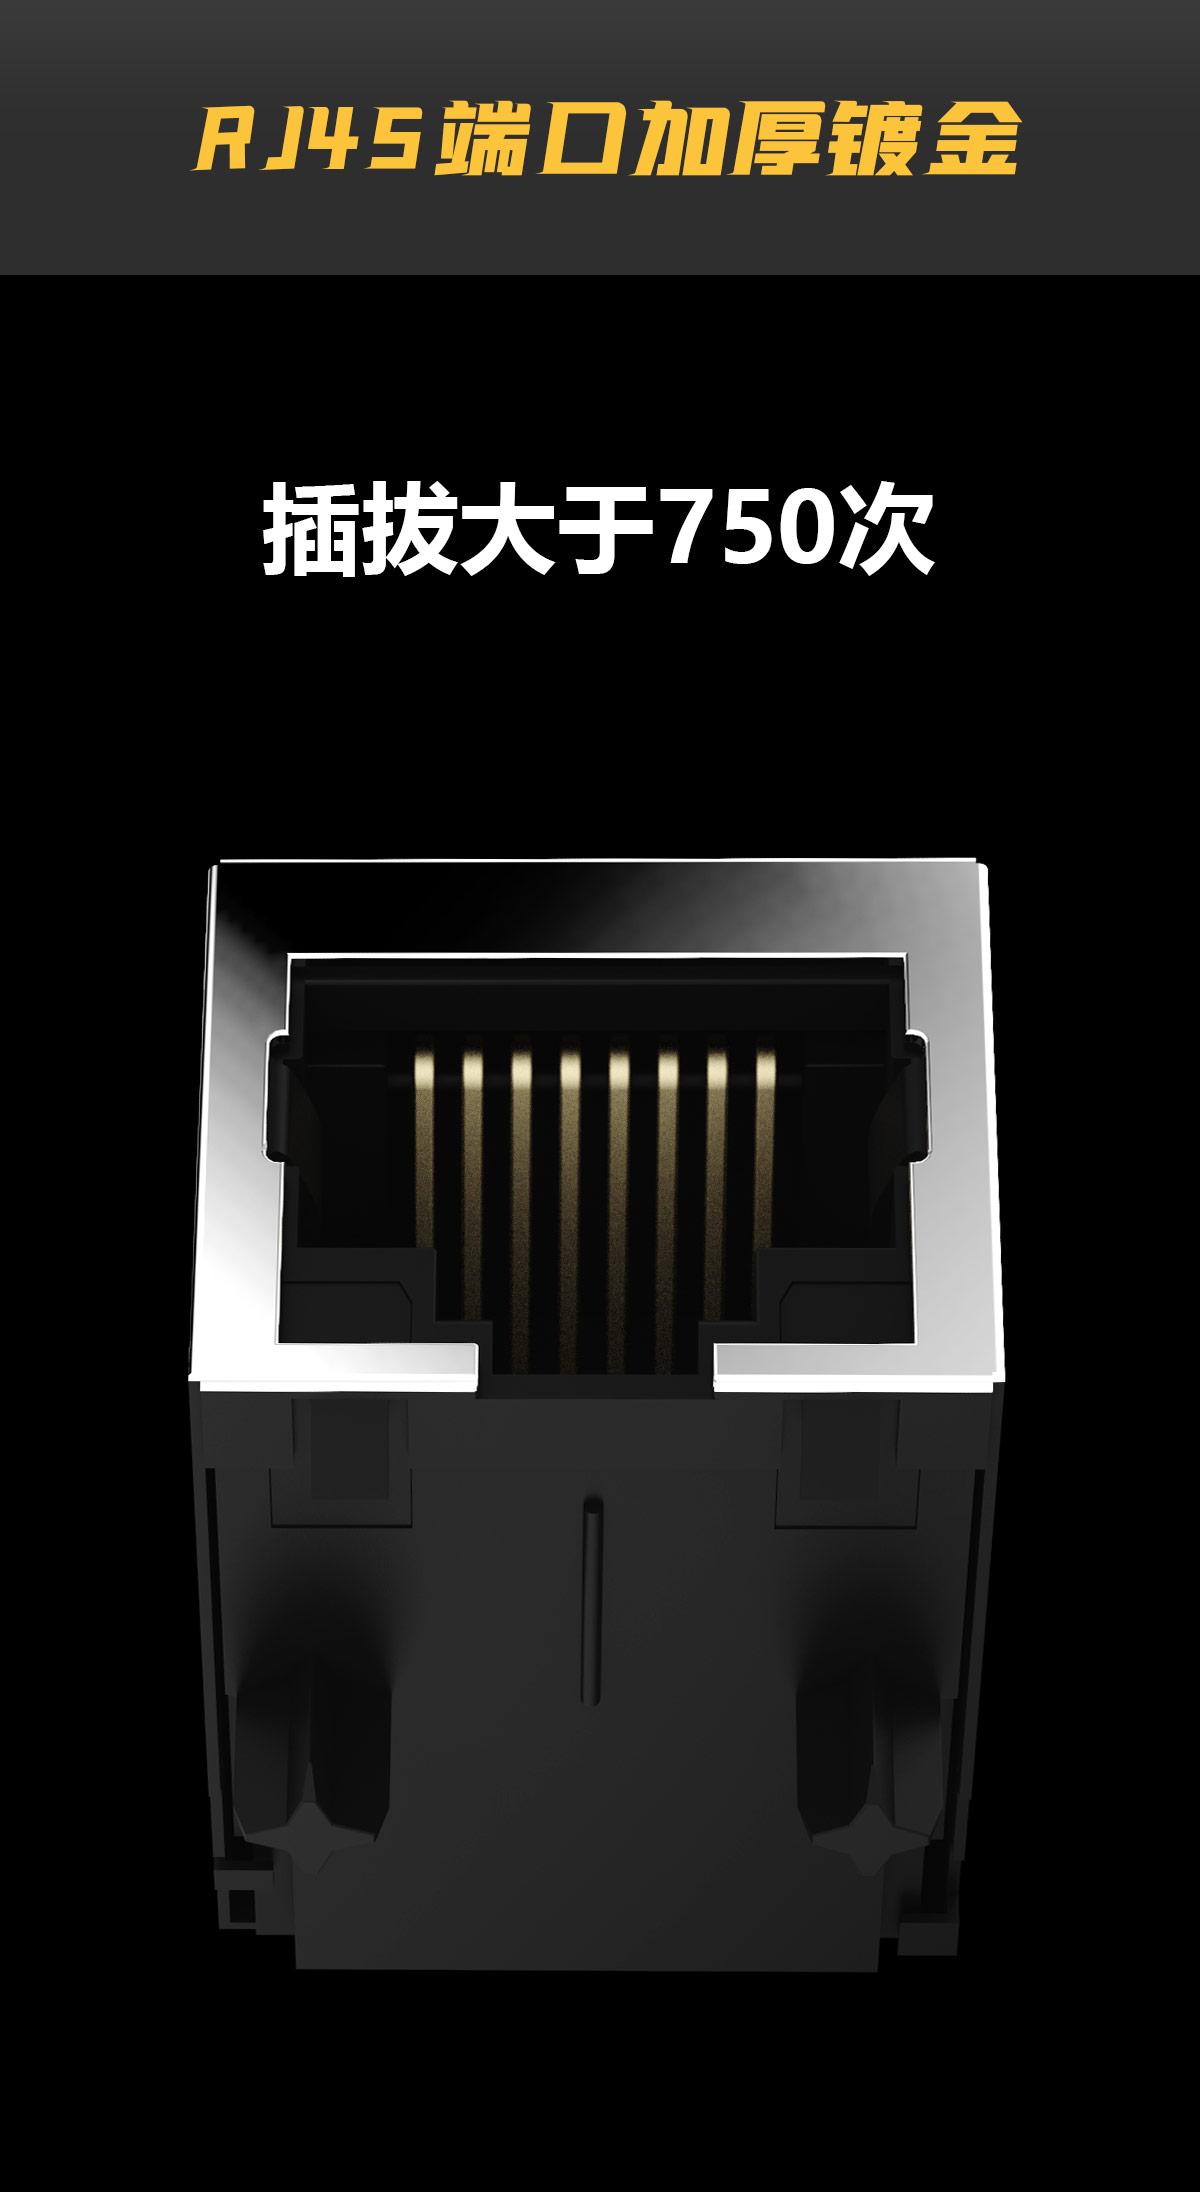 RJ45端口加厚镀金 插拔大于750次